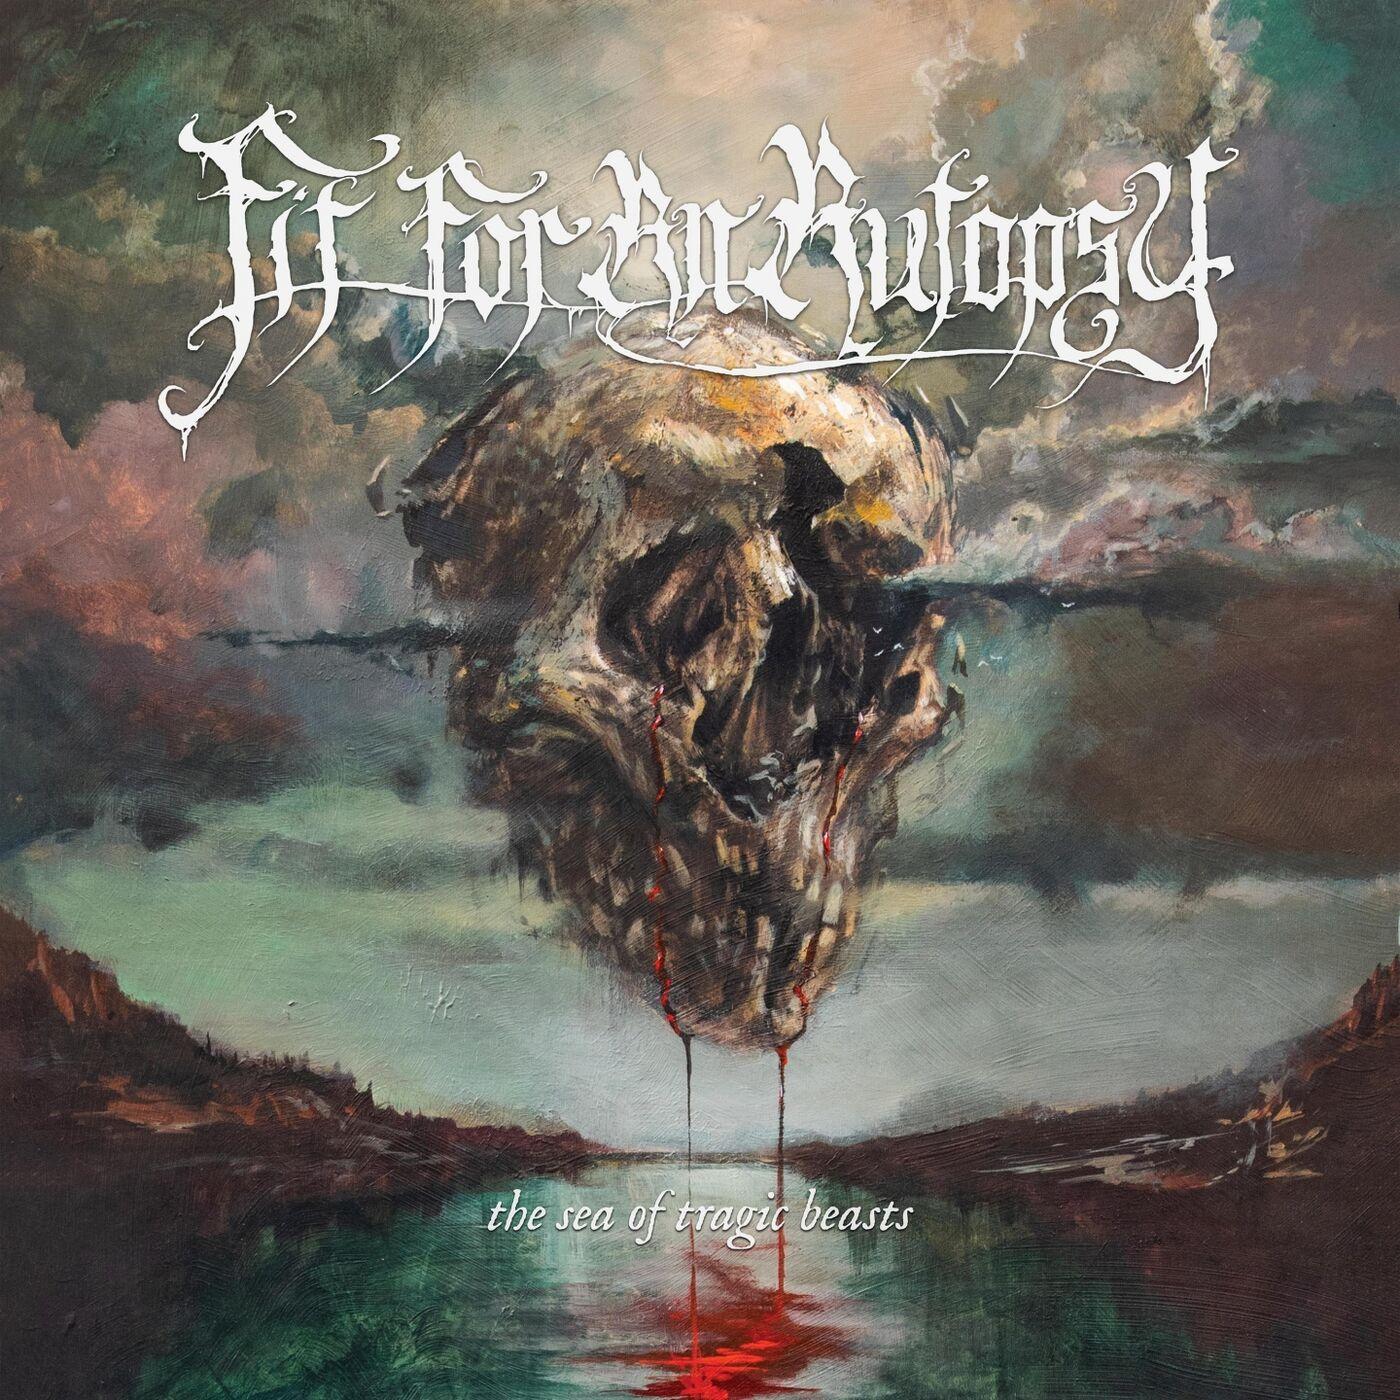 Fit For An Autopsy - Shepherd [single] (2019)